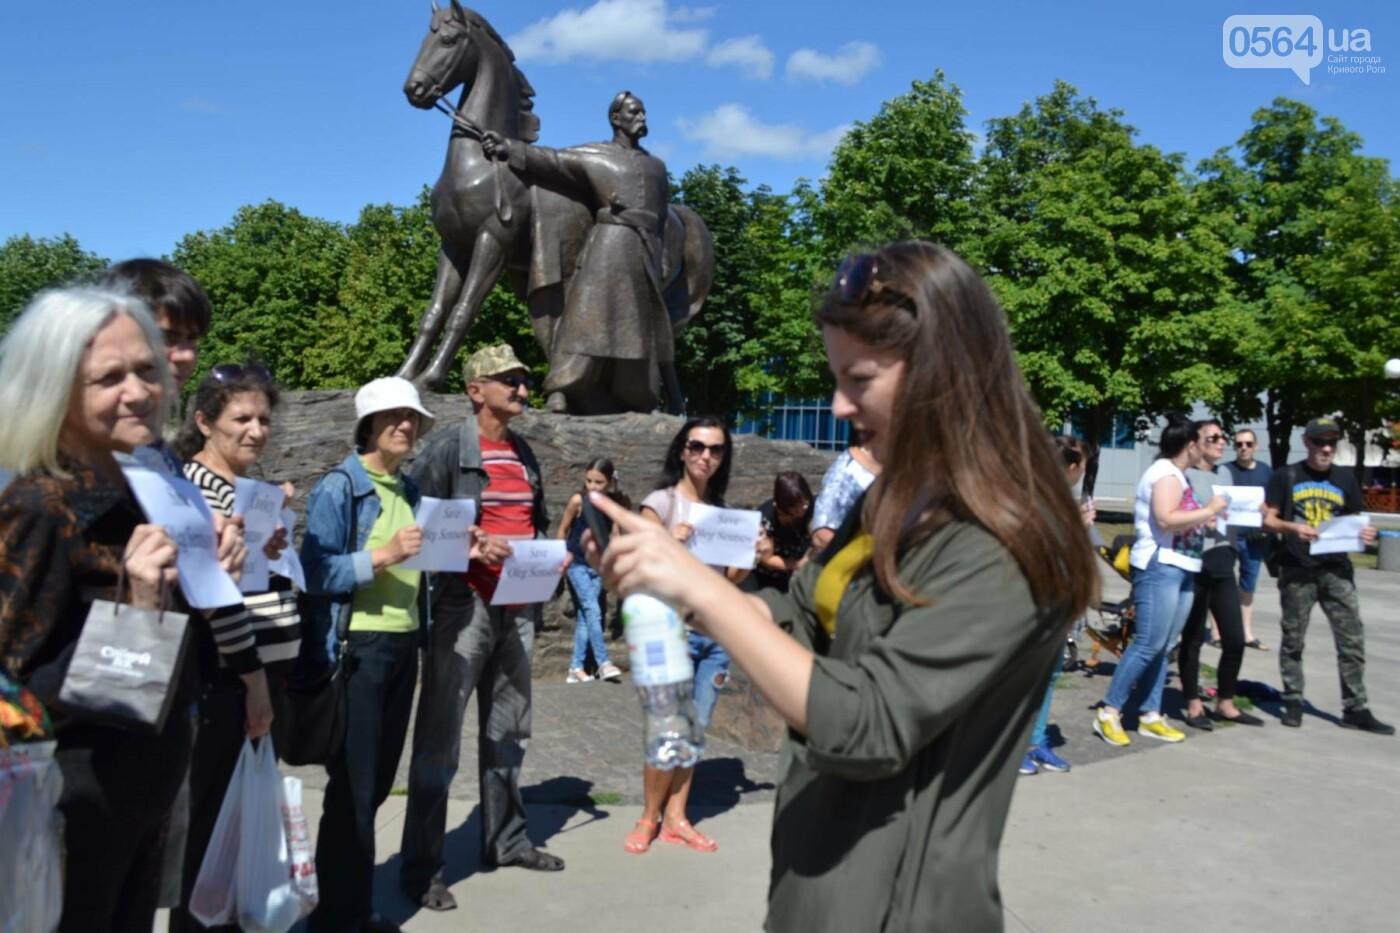 Криворожане вышли на всемирную акцию FreeSentsov, - ФОТО, ВИДЕО, фото-14